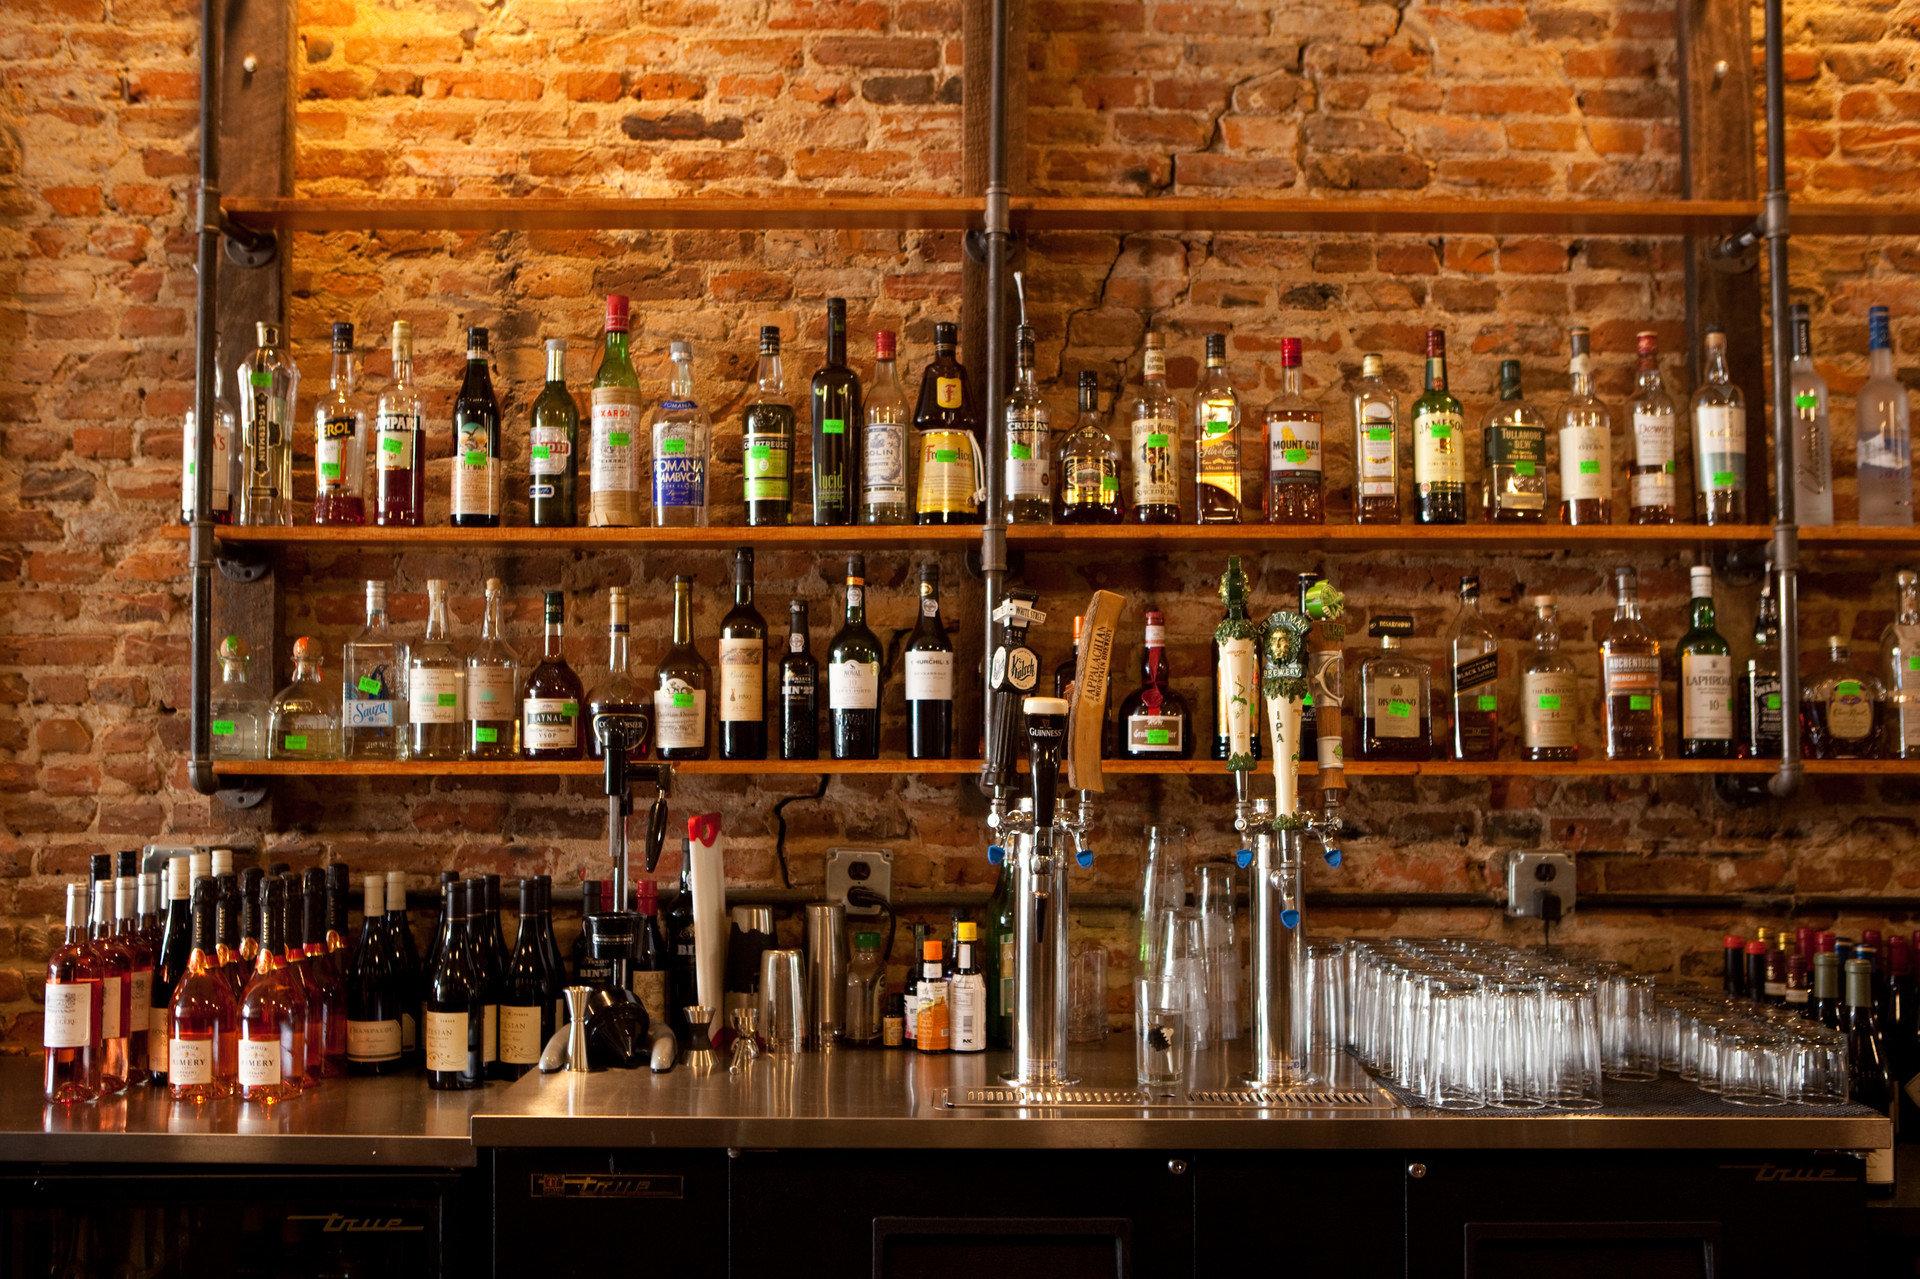 Trip Ideas wine bottle indoor Bar Drink shelf counter distilled beverage tavern alcohol several